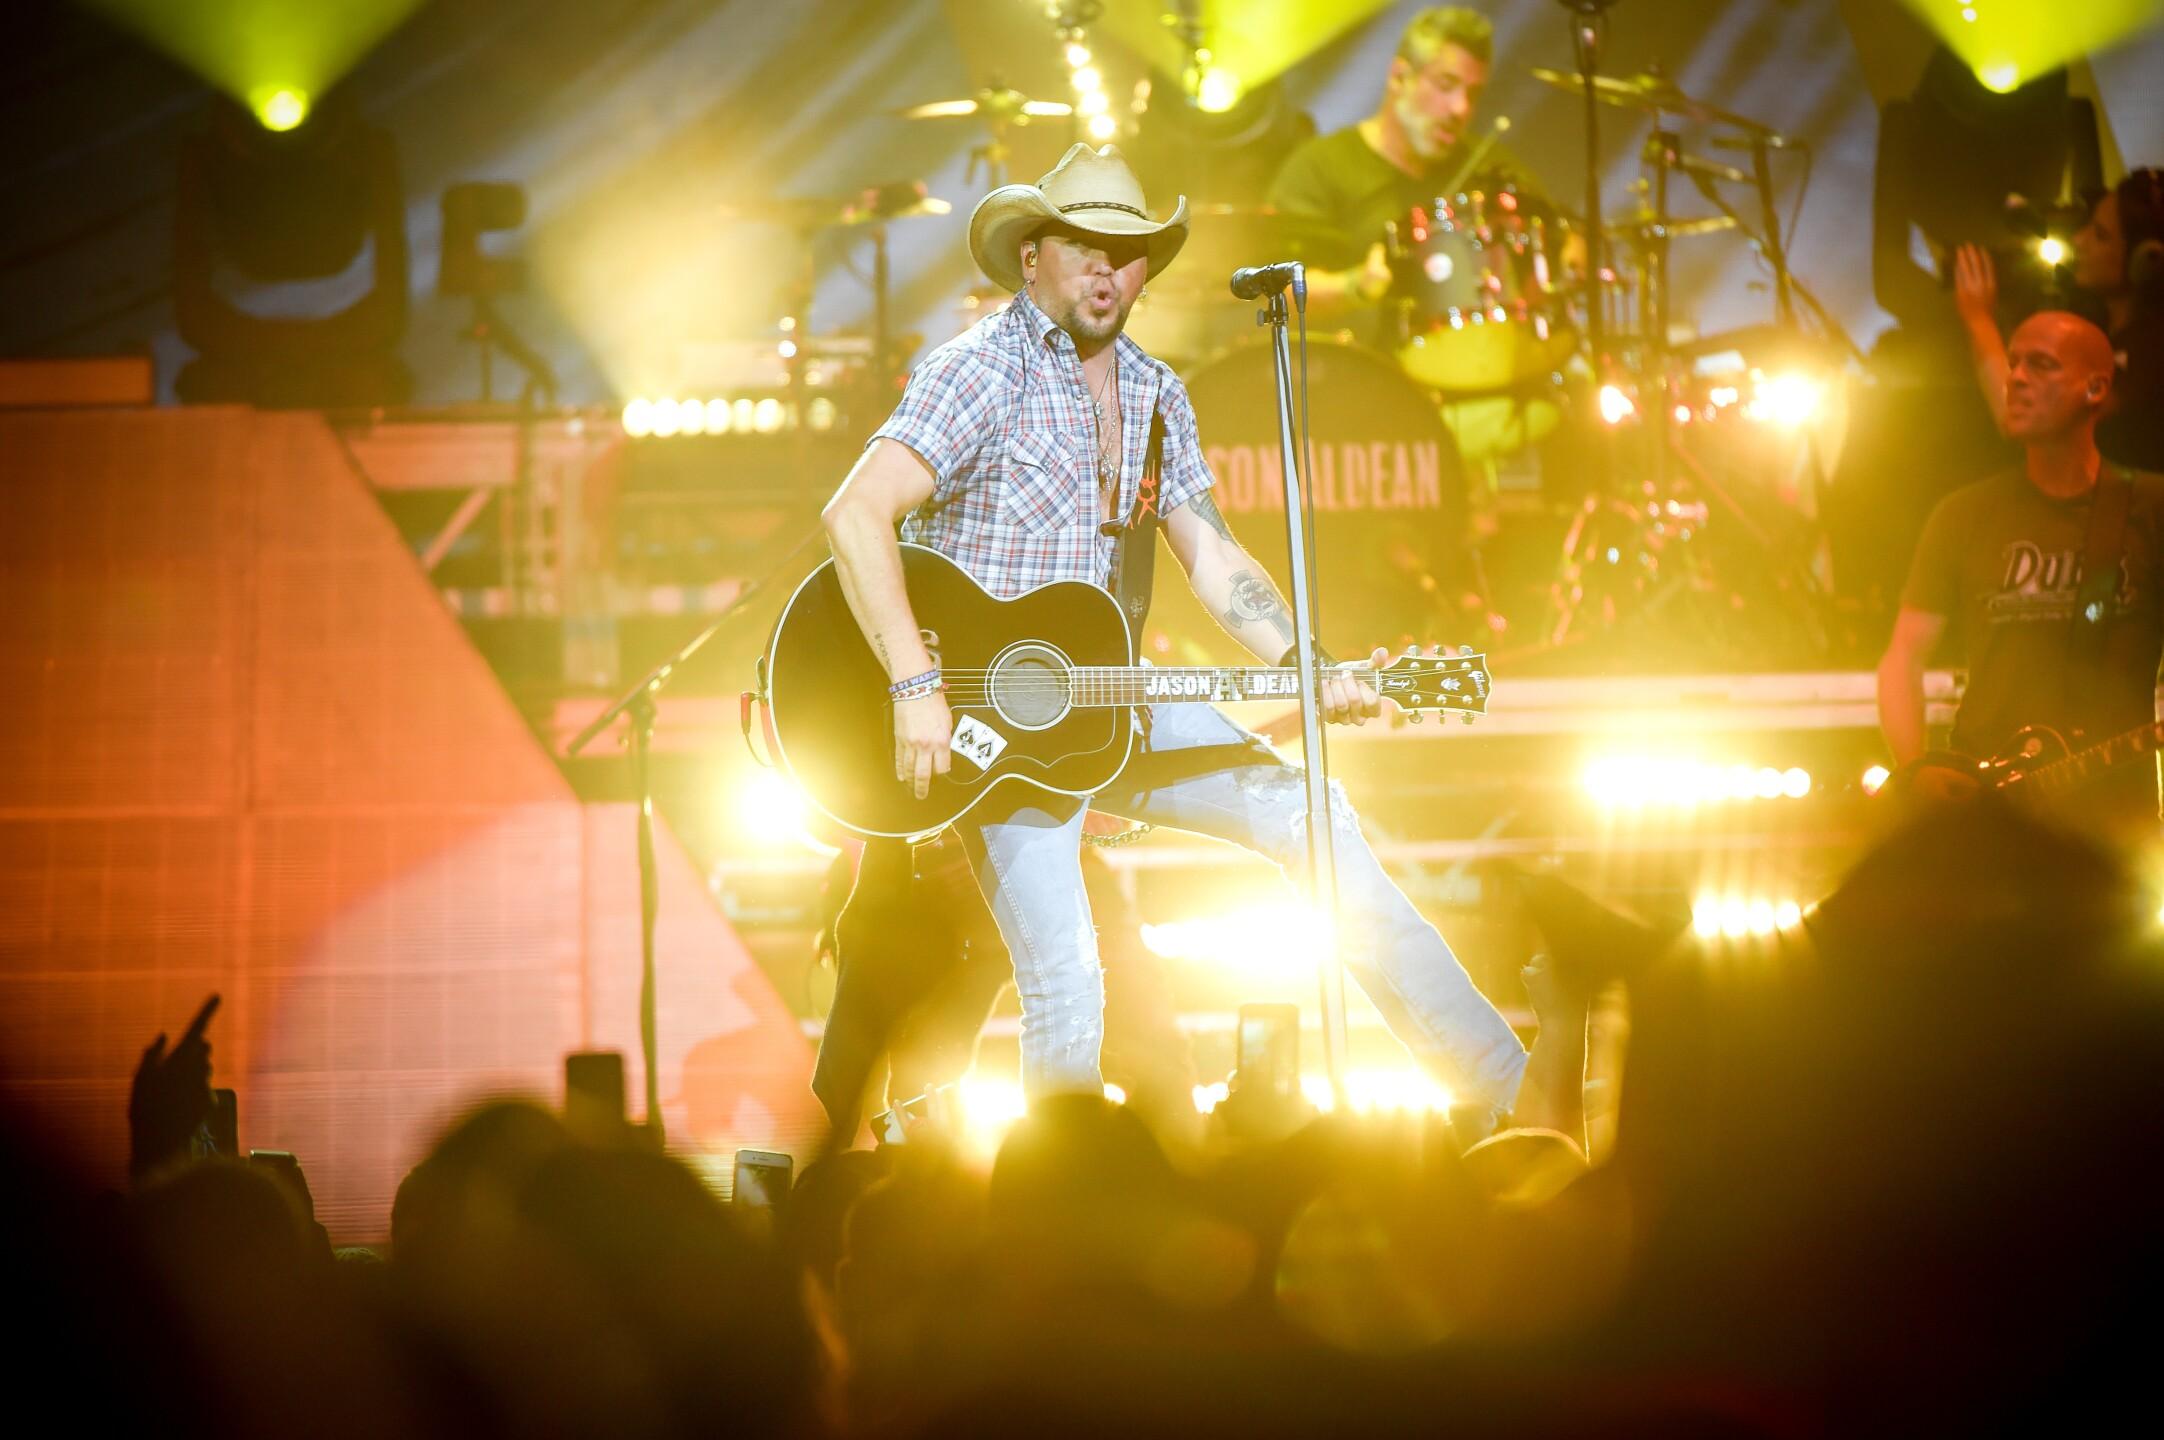 Jason Aldean In Concert - Nashville, Tennessee